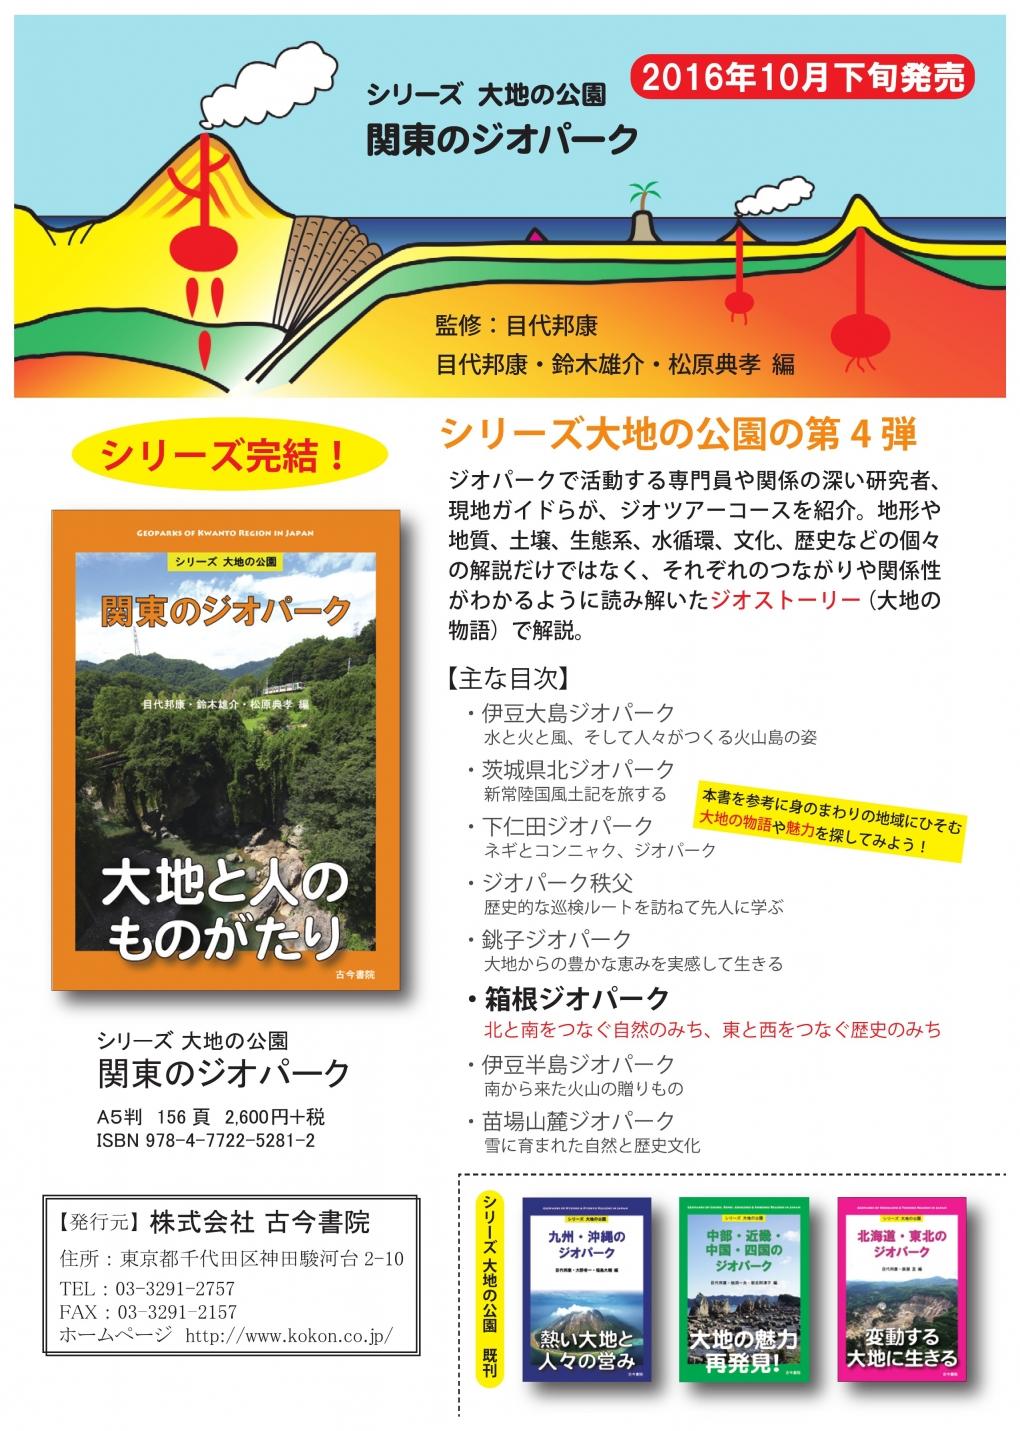 シリーズ「大地の公園 関東のジオパーク」が発行されました!